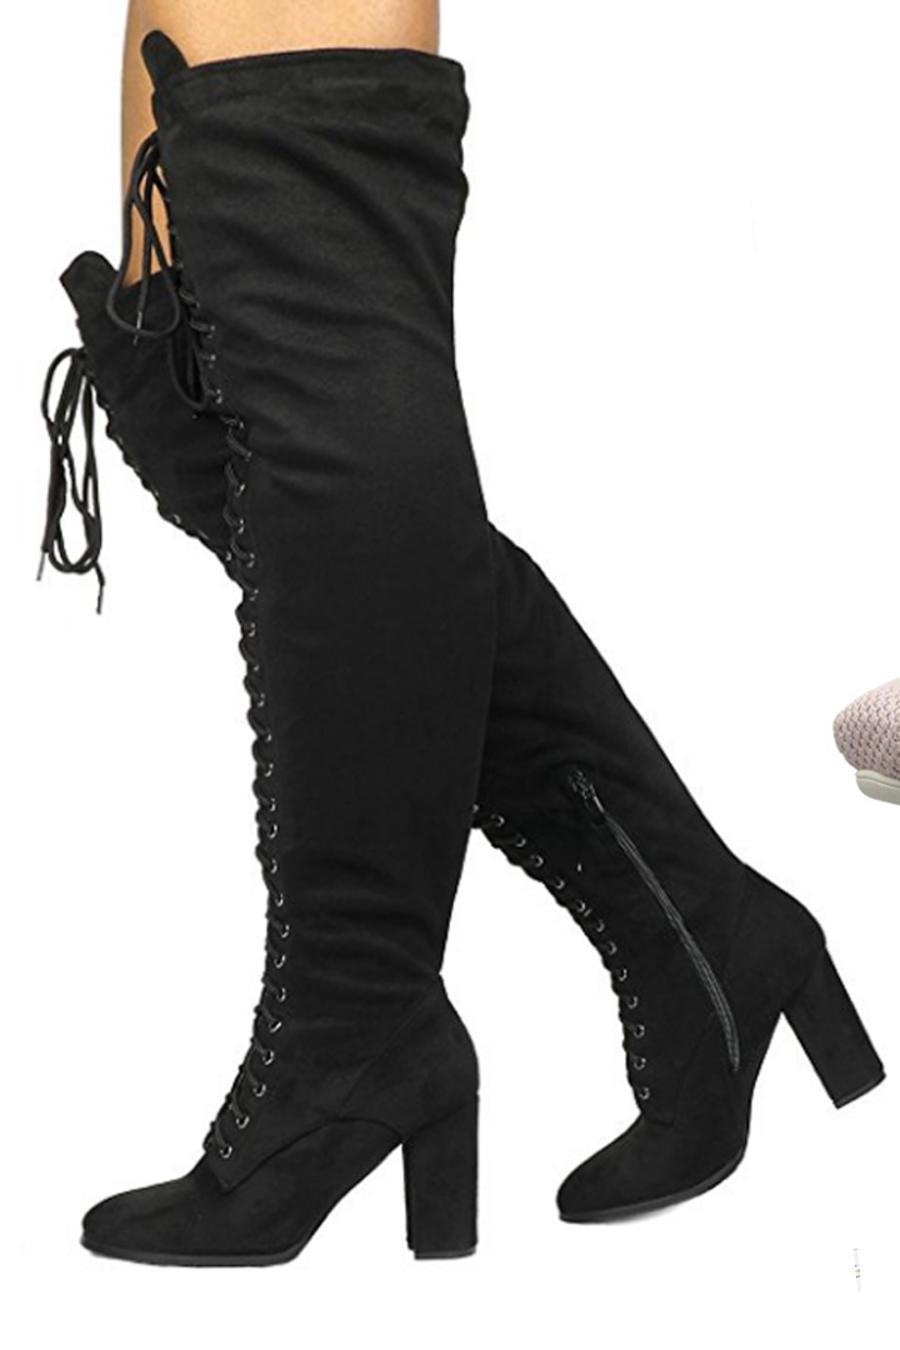 Mejores zapatos para la mujer 2018